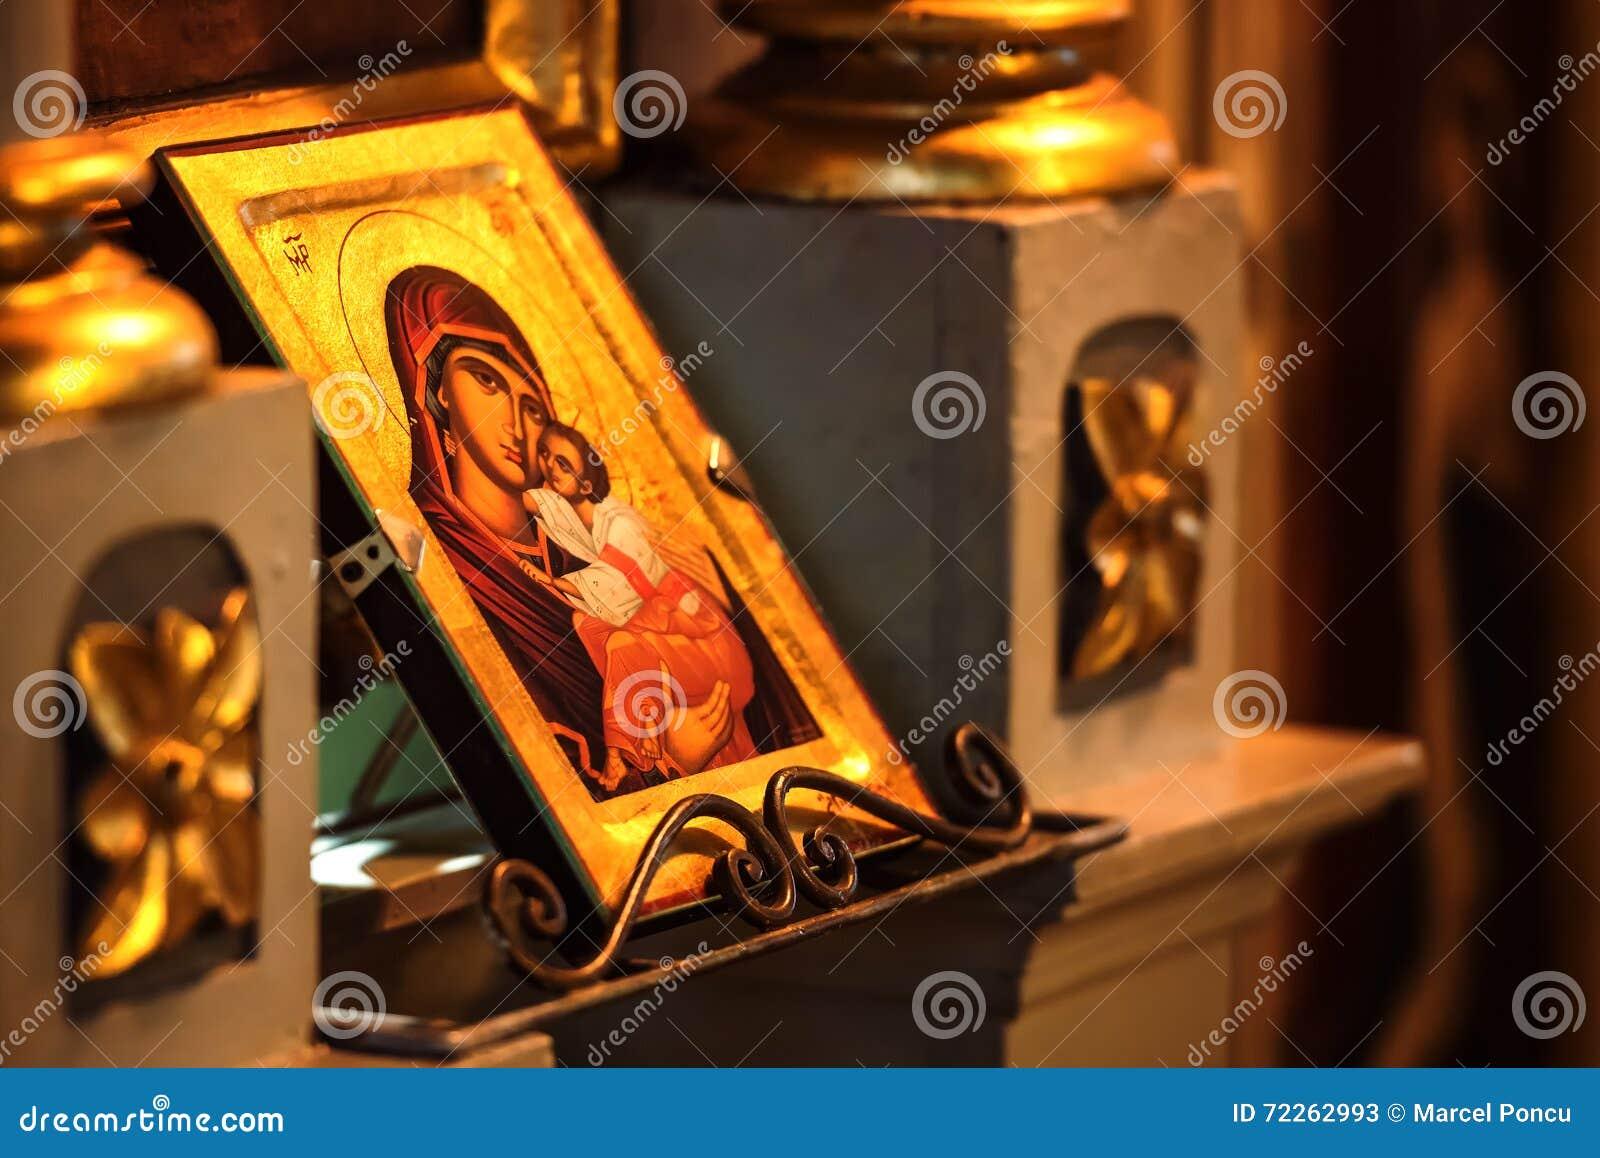 Ícone da igreja da mãe do sym do deus (Mary) e da criança (Jesus Christ)